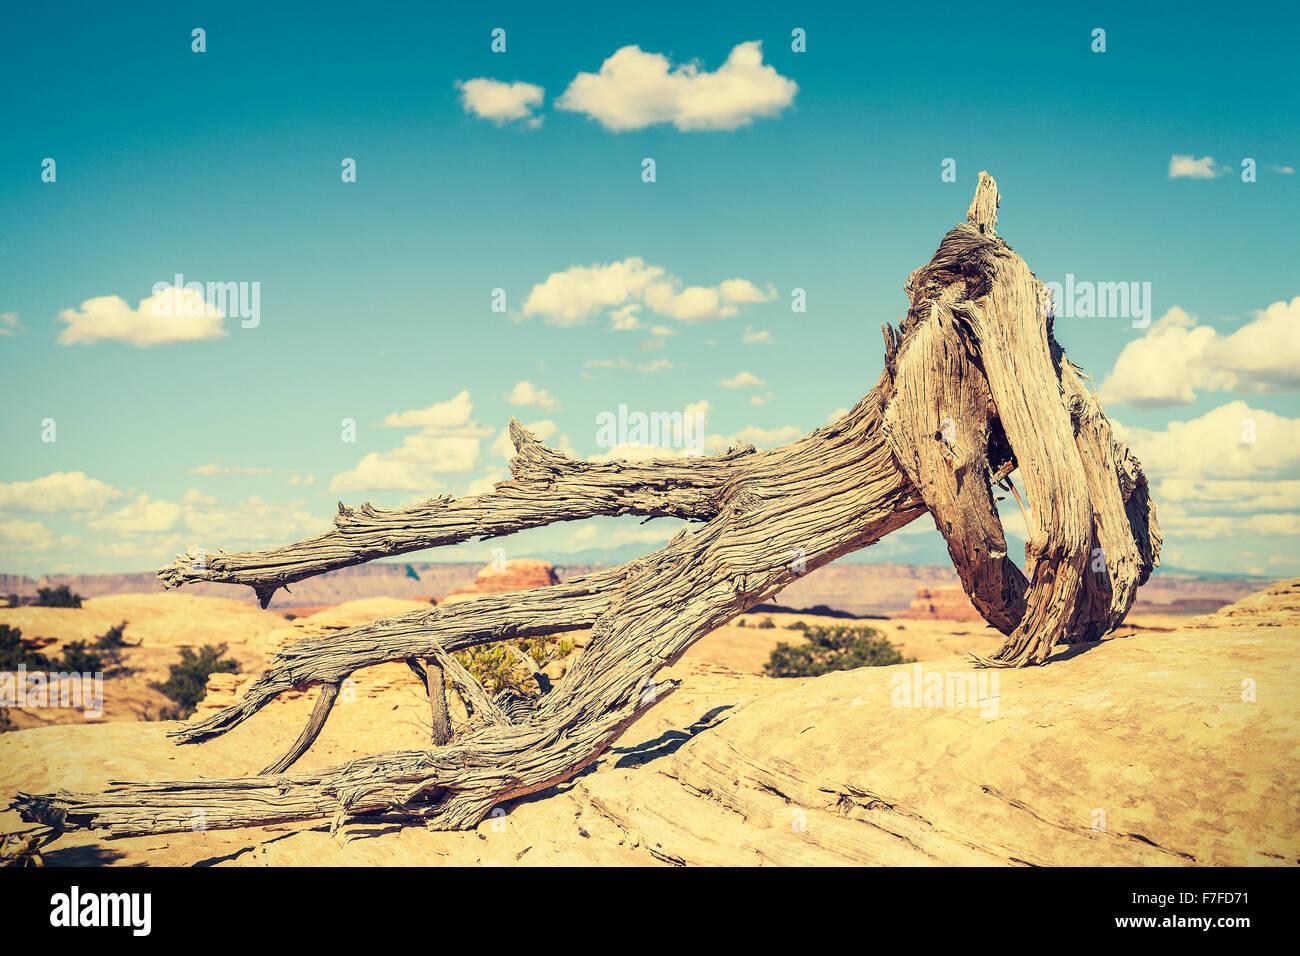 Tonos Retro árbol muerto, cambio climático concepto imagen. Imagen De Stock